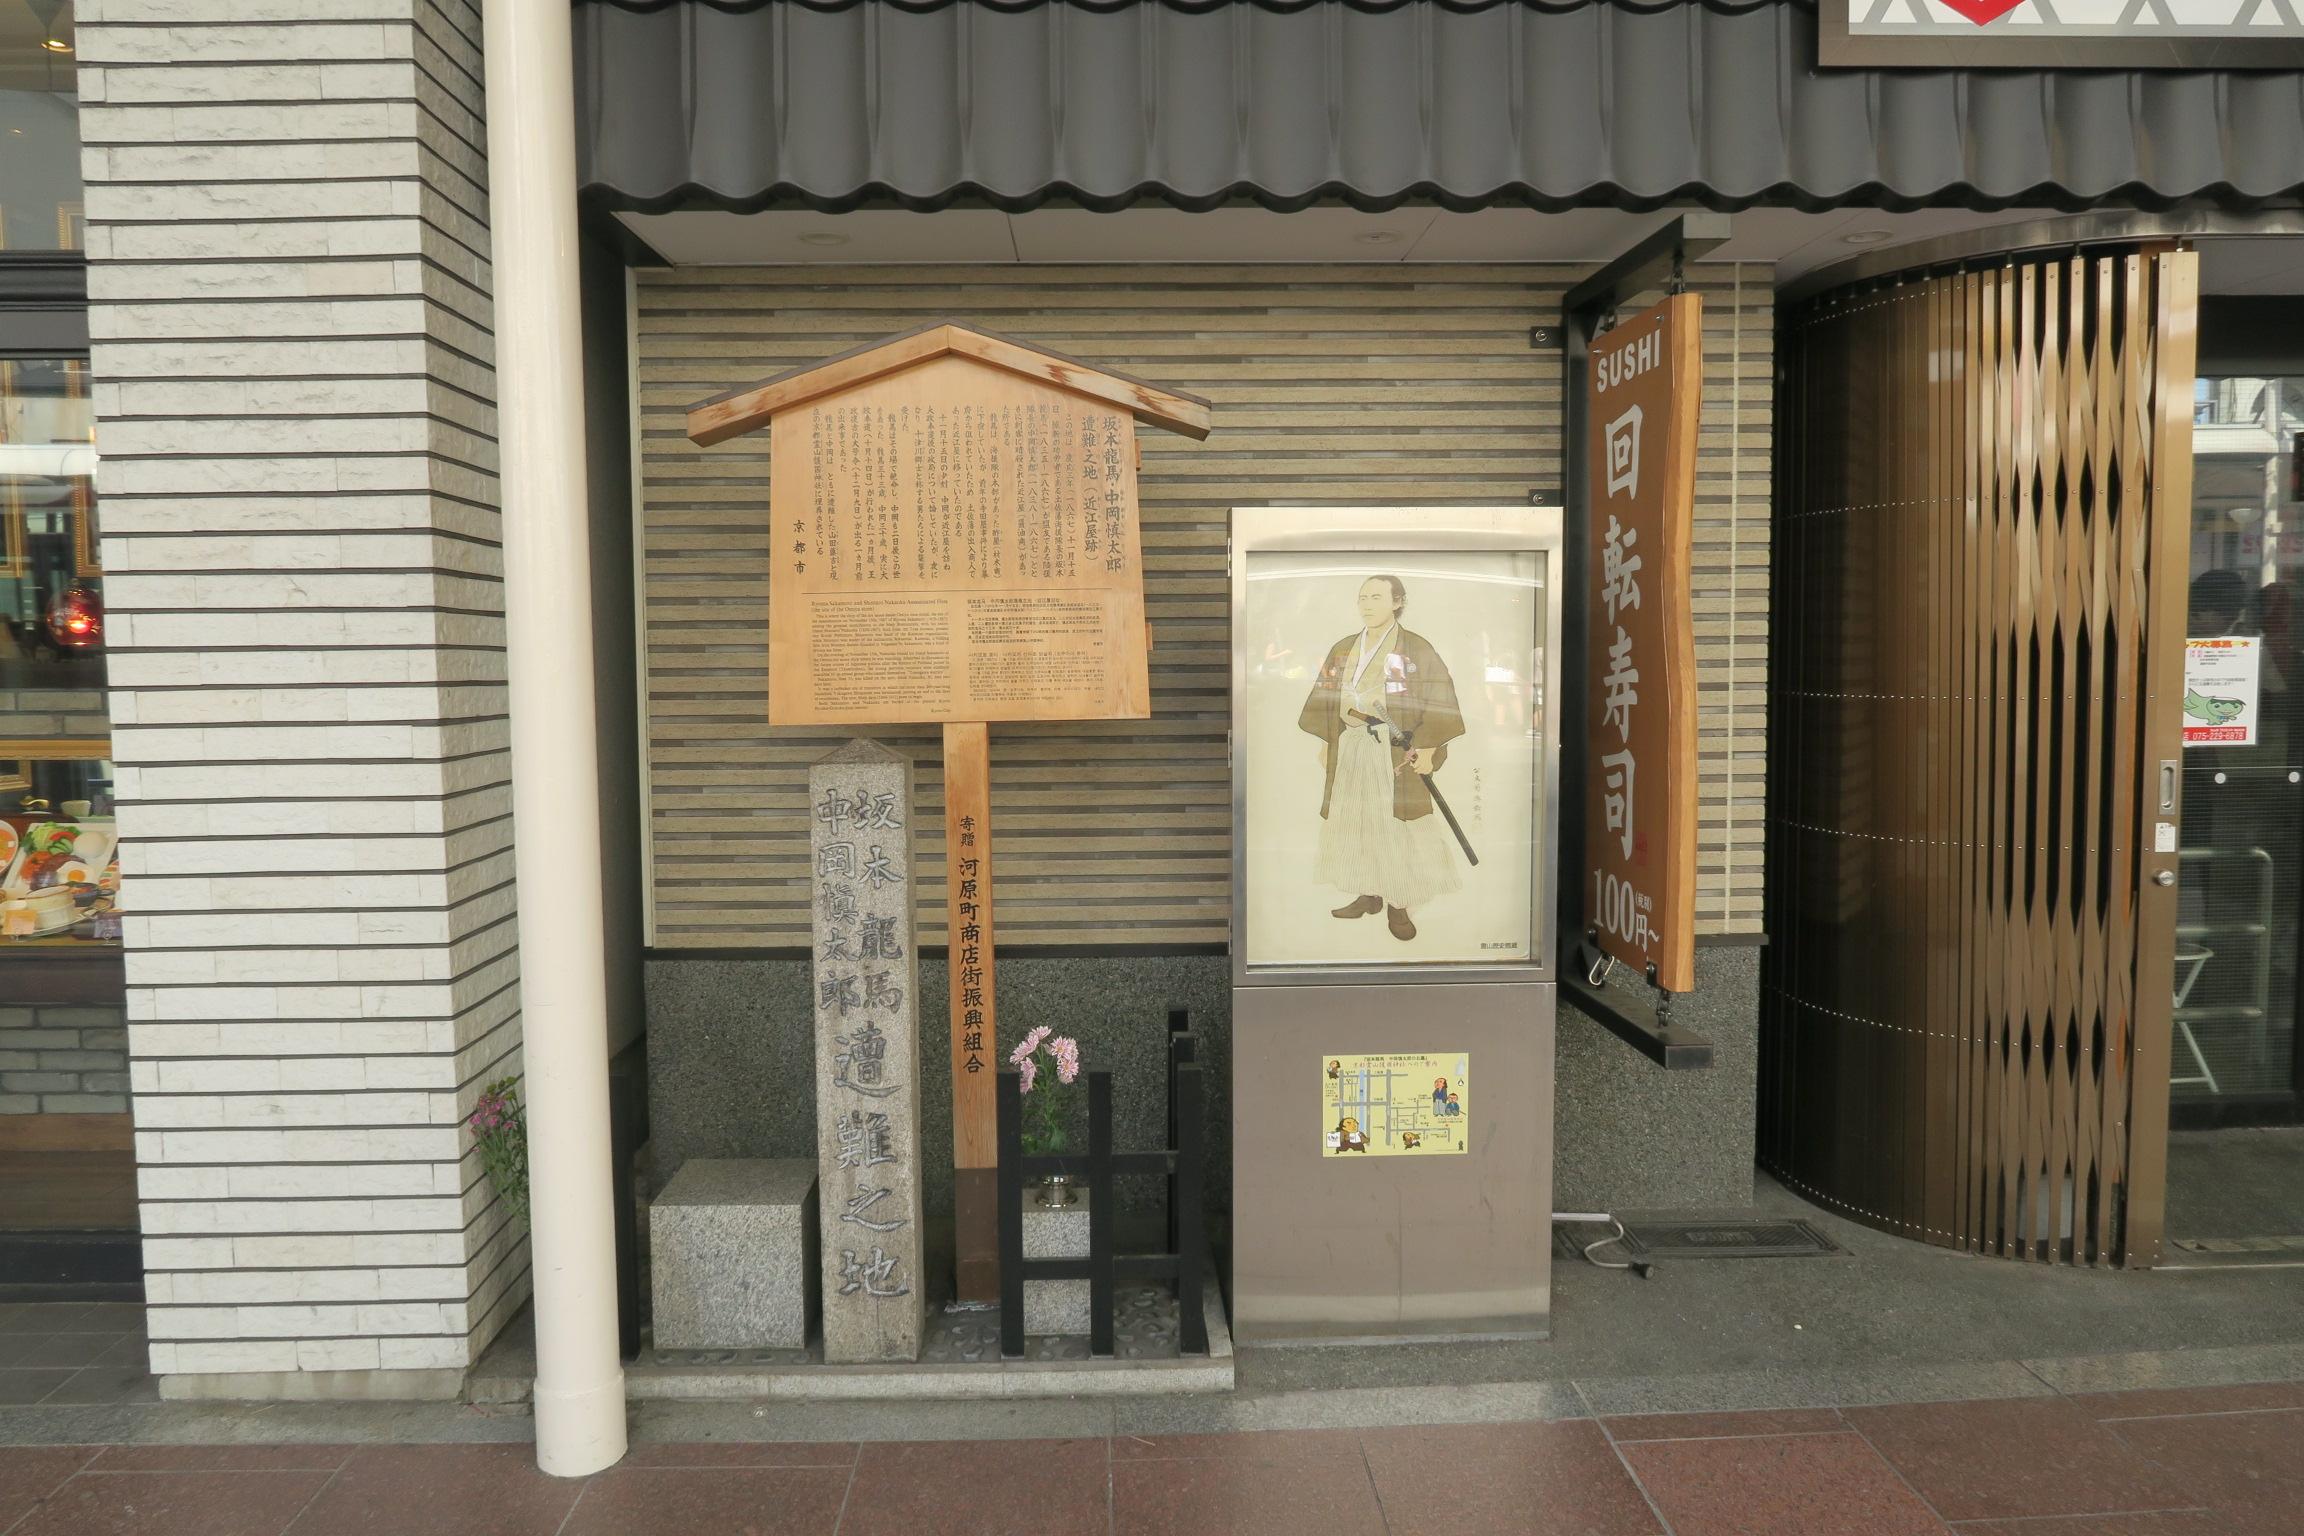 観光案内所から1分。坂本龍馬・中岡慎太郎遭難之地があります。